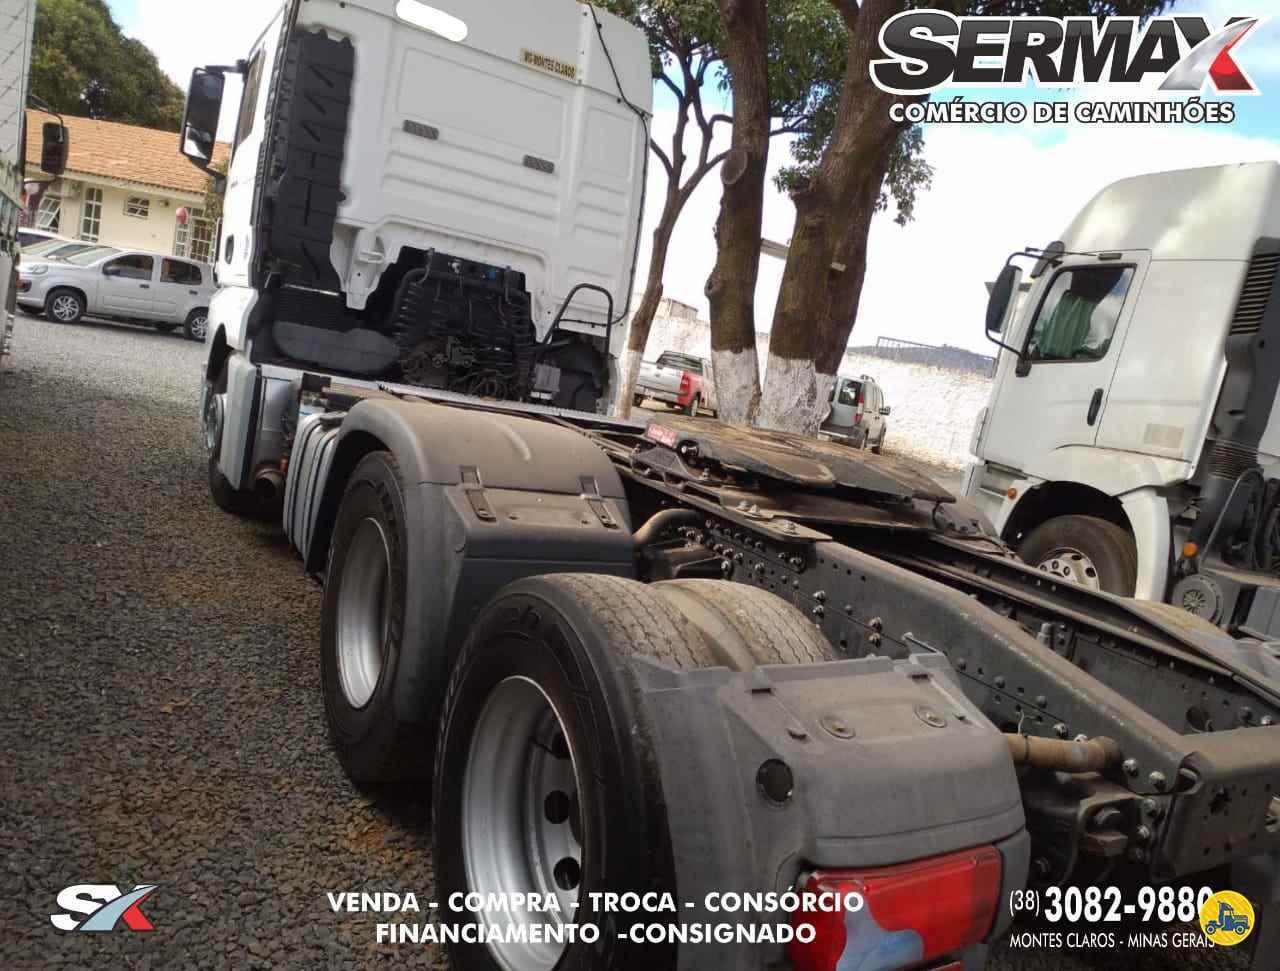 MAN TGX 28 440  2013/2013 Sermax Caminhões